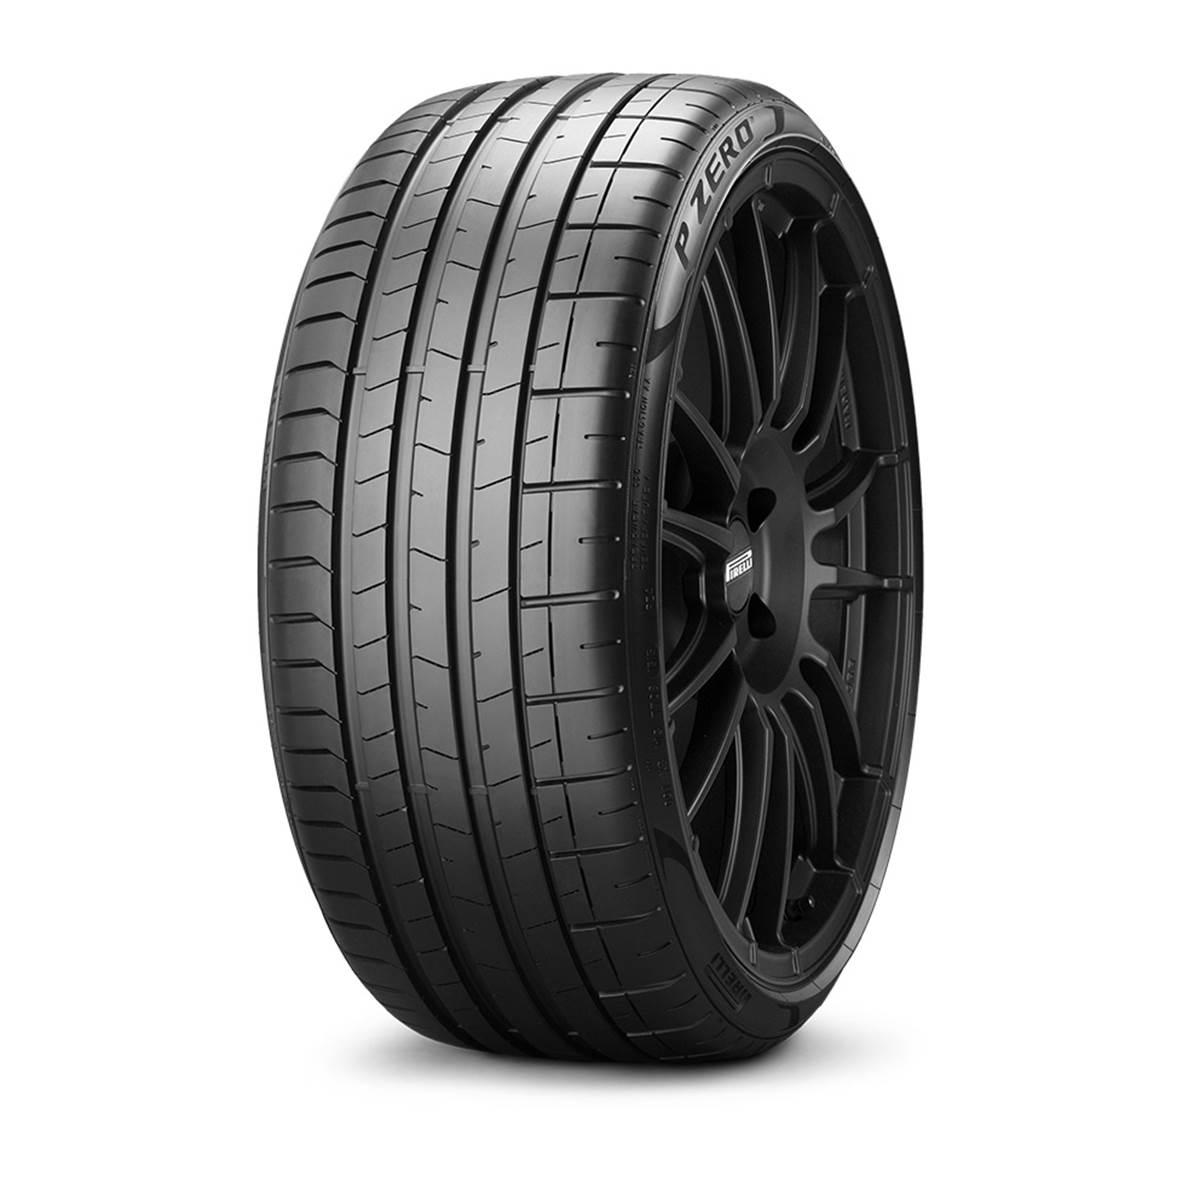 Pneu Pirelli 275/30R21 98Y Pzero XL